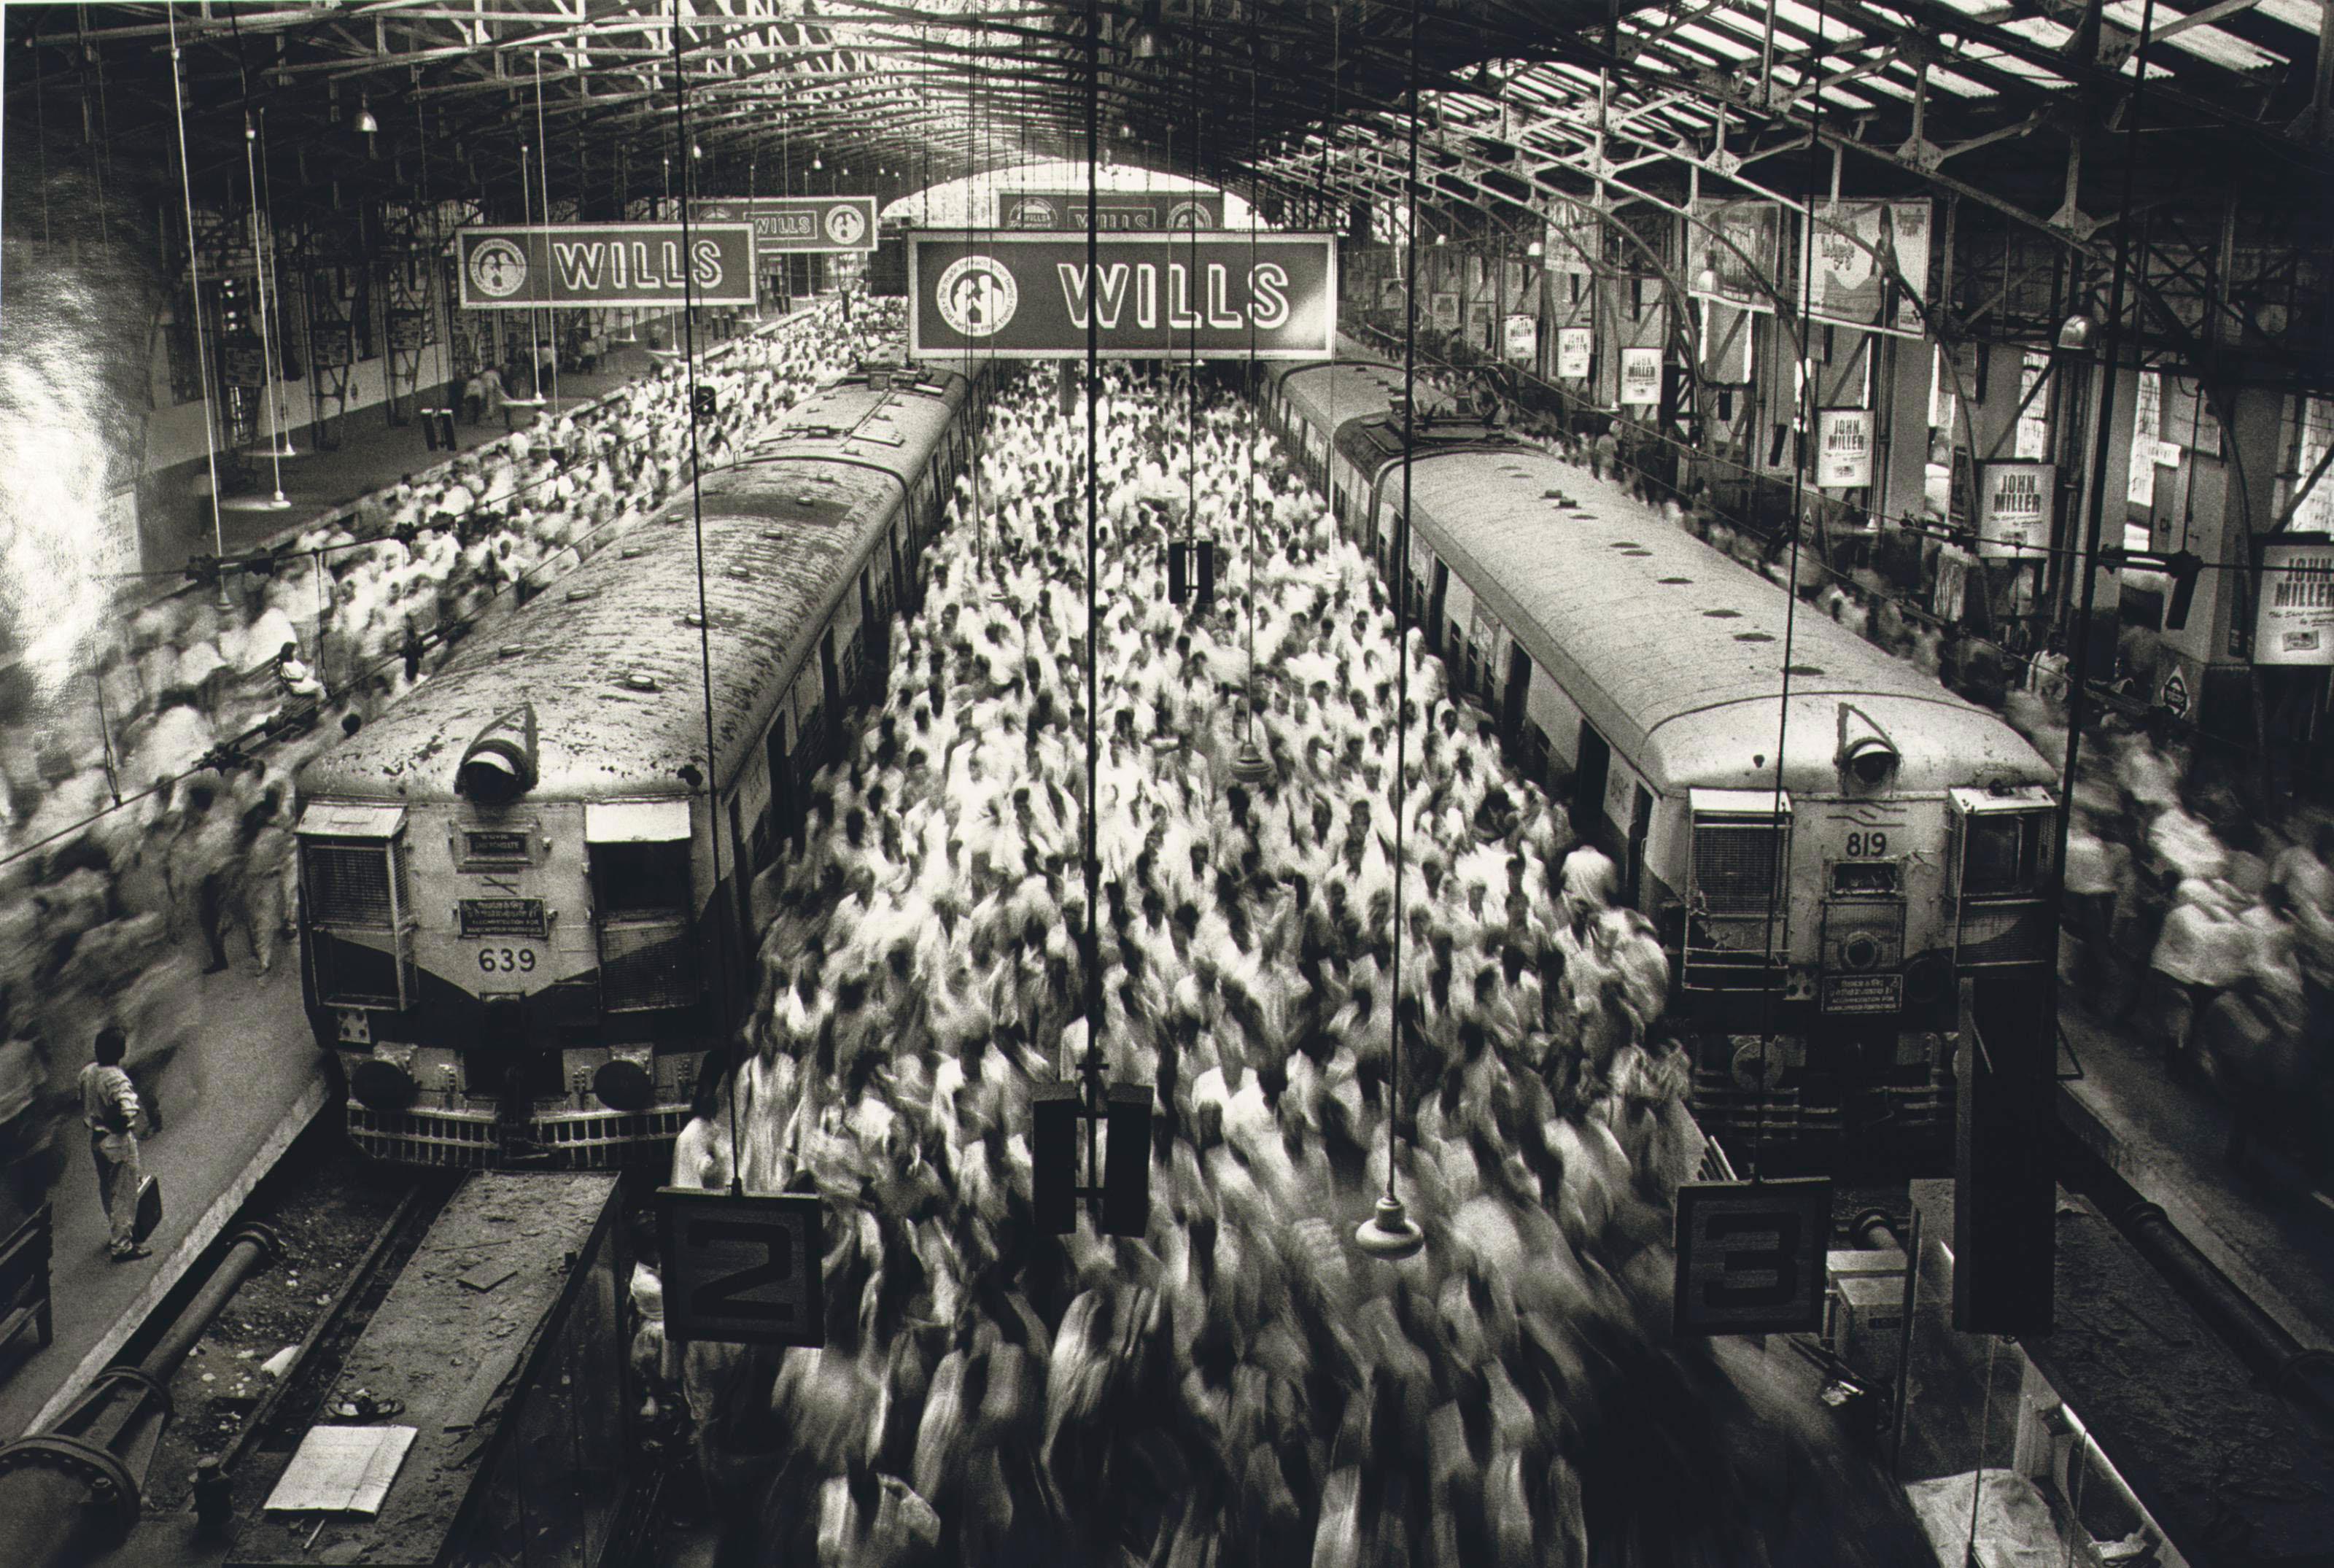 Churchgate Station, Bombay, 1995